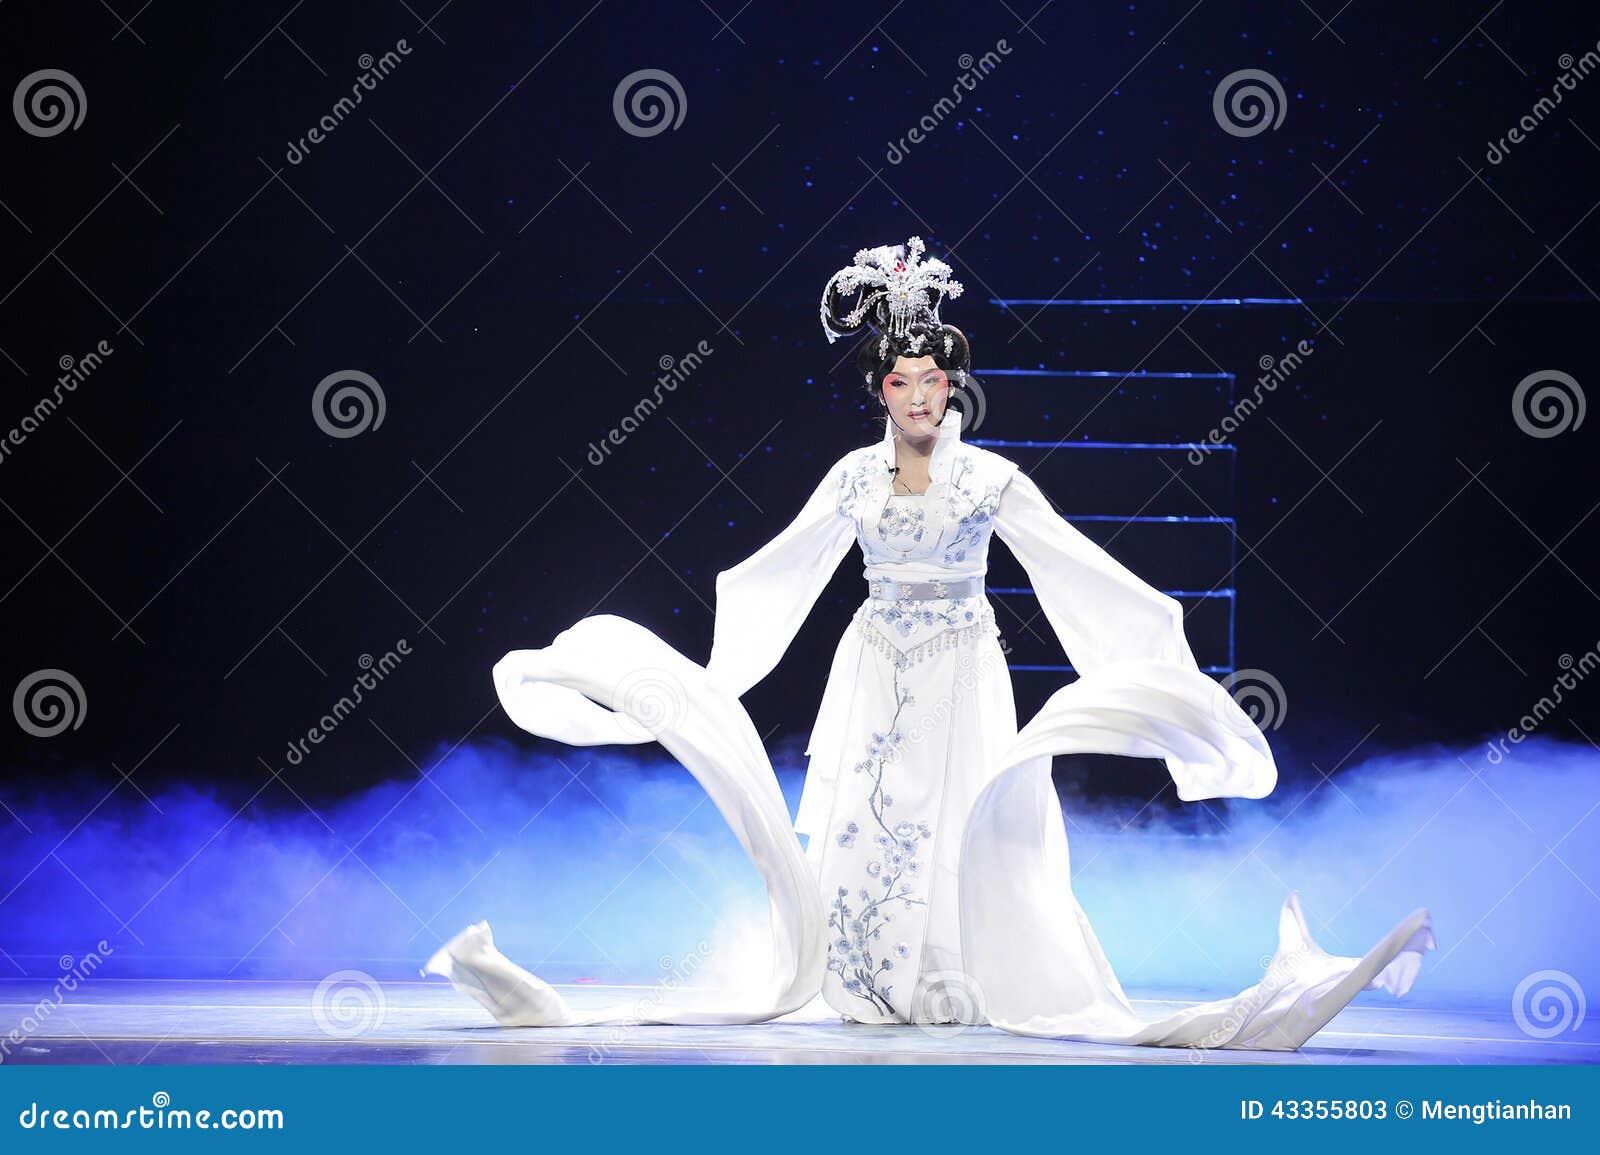 Long sleeves-Jiangxi Opera